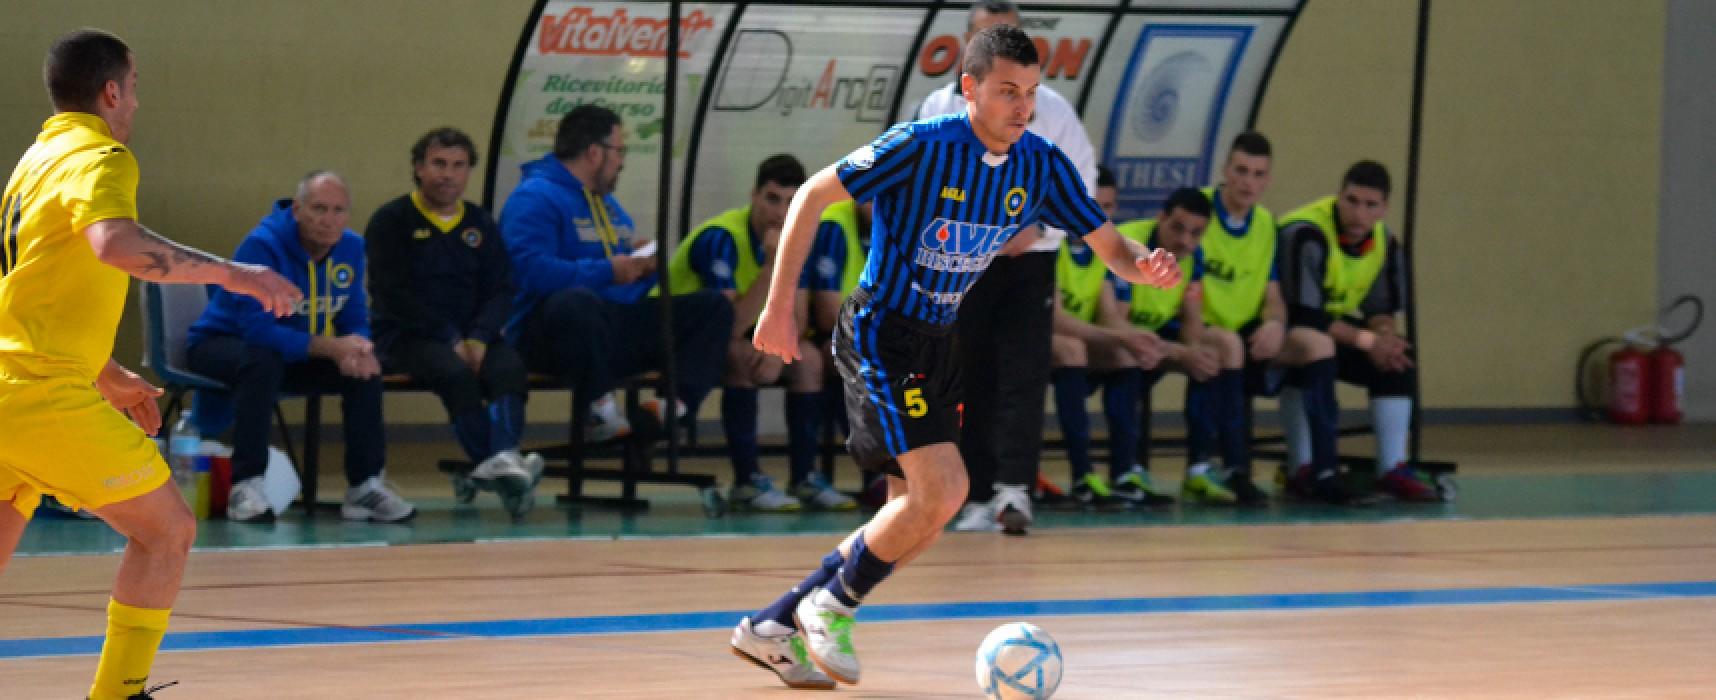 Nico Pedone al Futsal Bisceglie sino al 2016